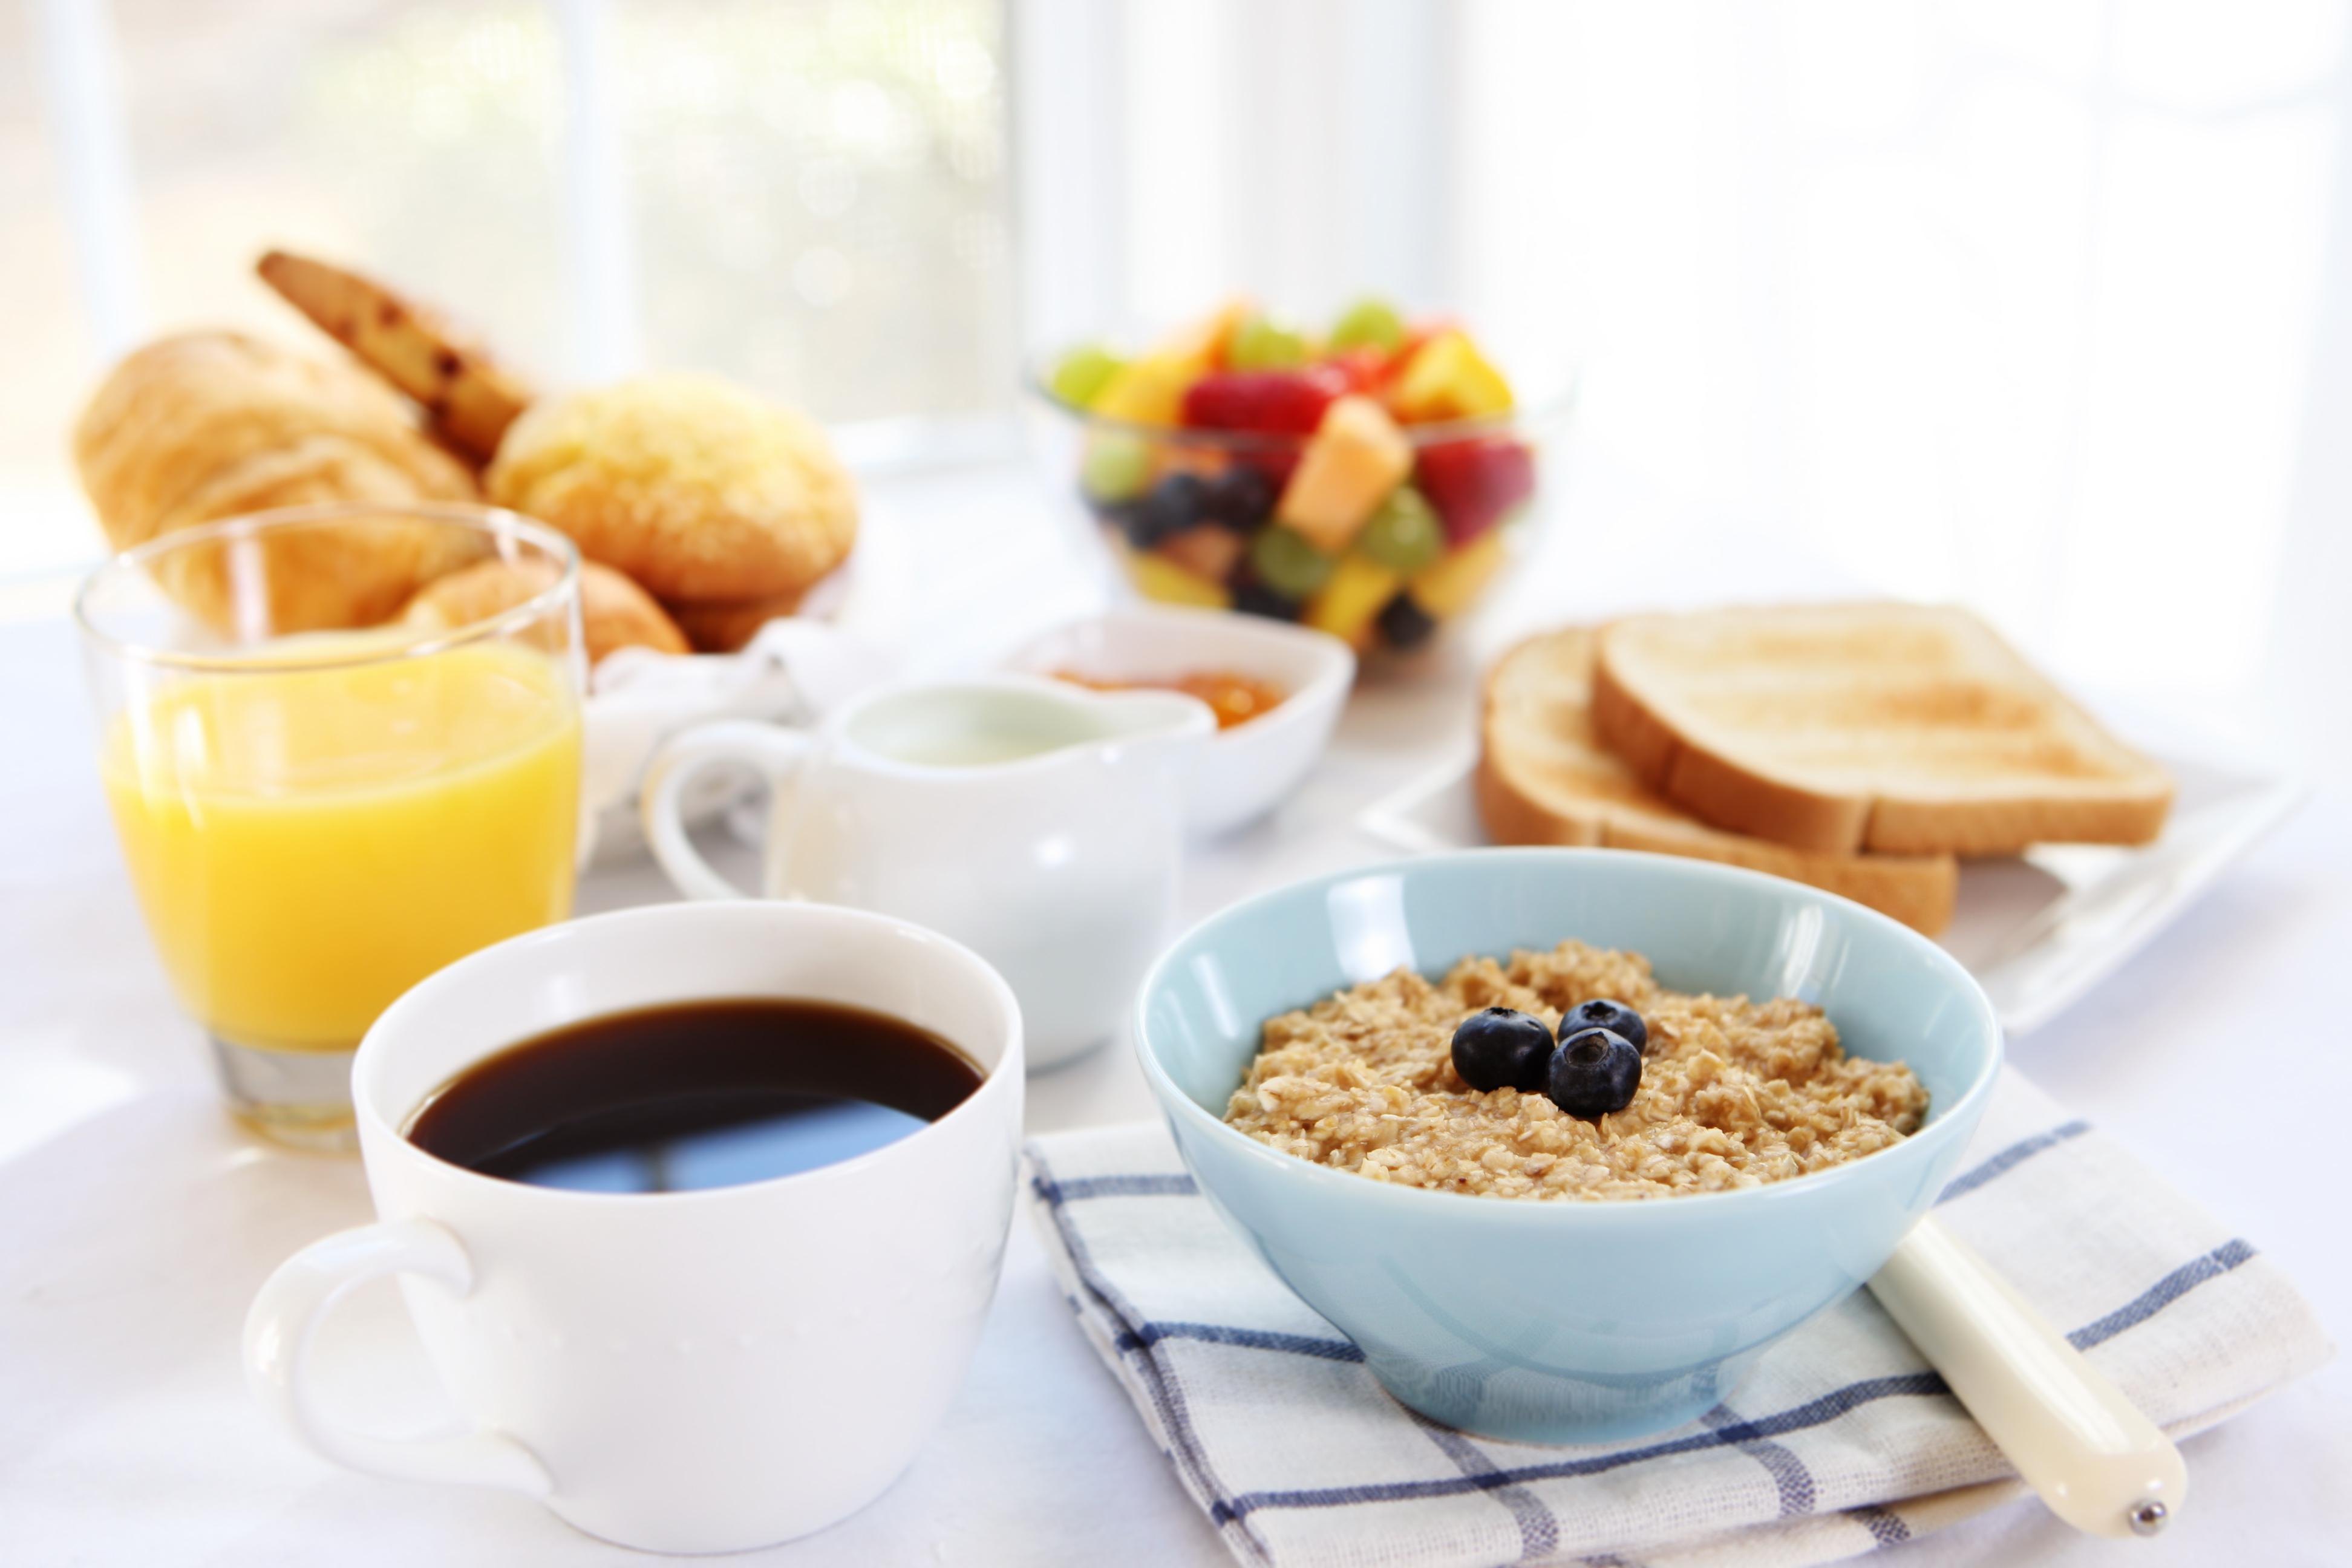 Un desayuno ideal debe tener todos los grupos de nutrientes para aportar energía.